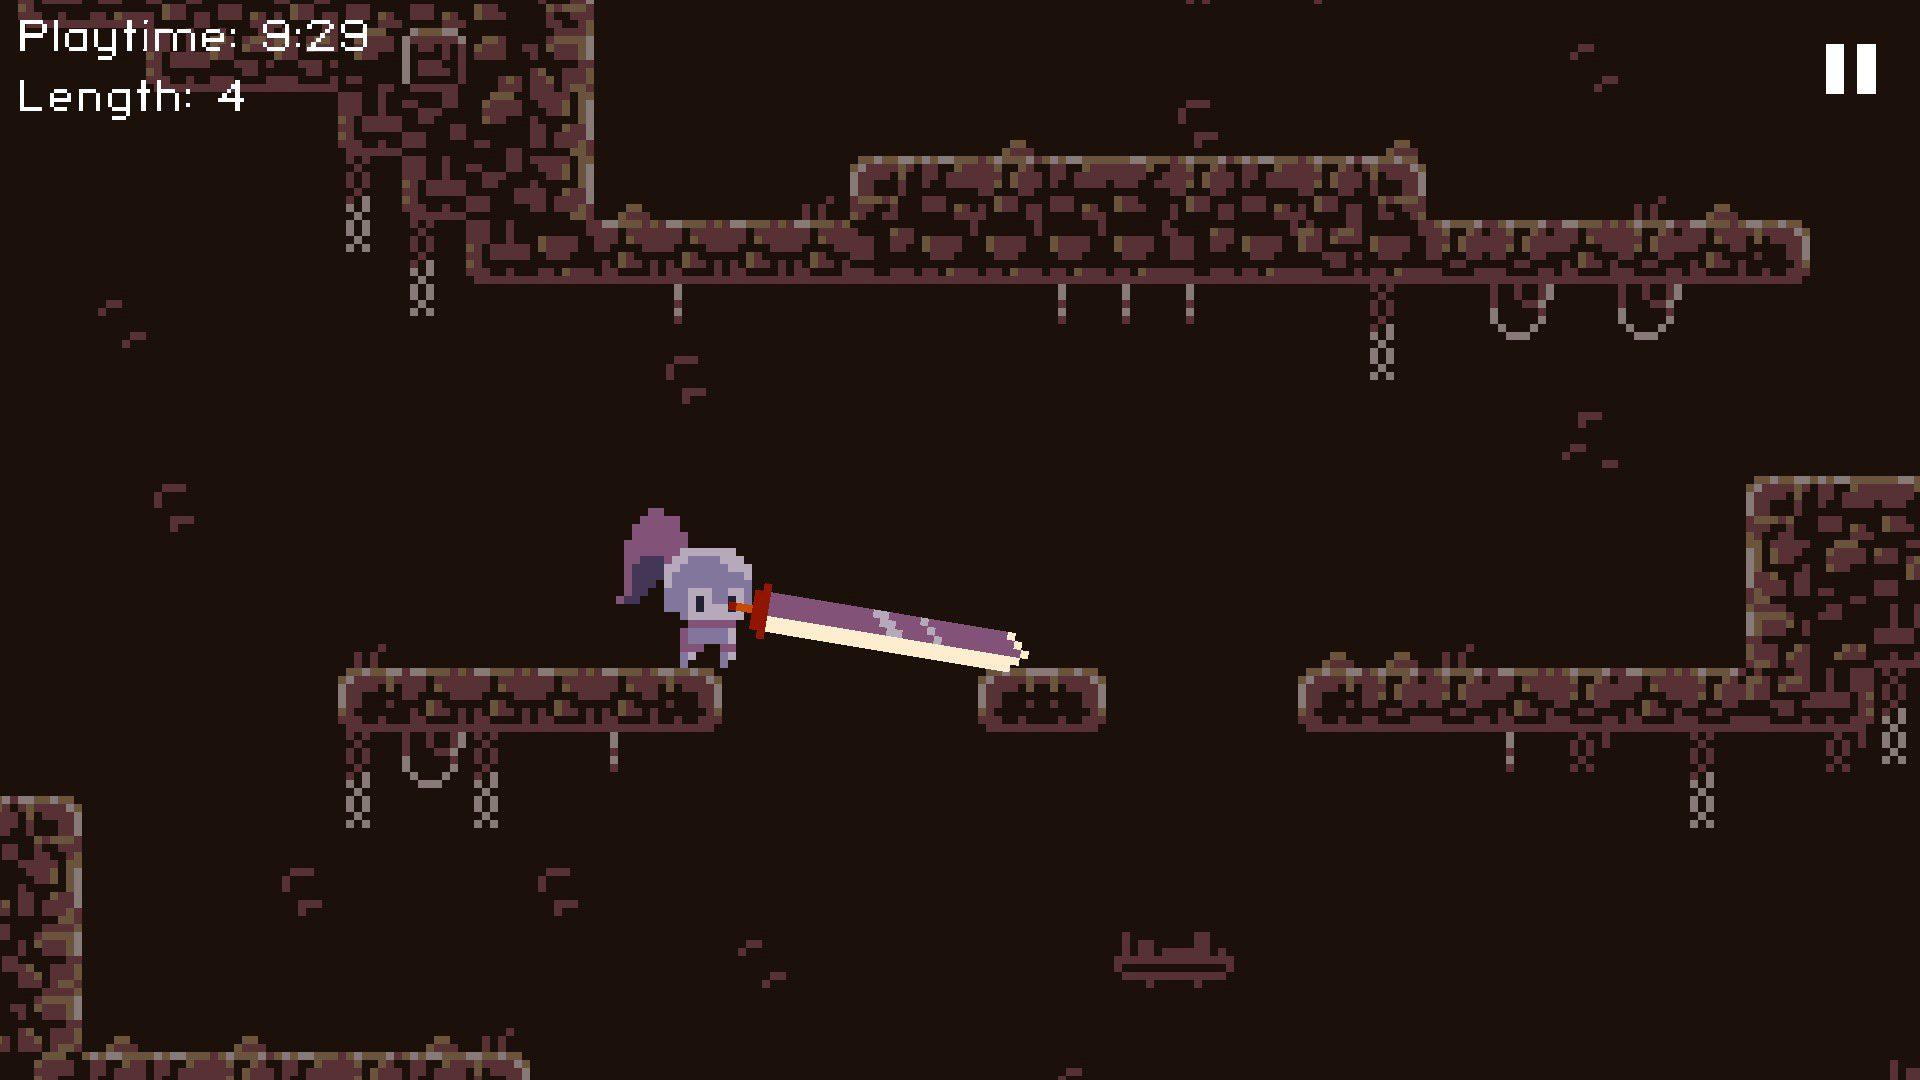 Teetering over a platform in Deepest Sword